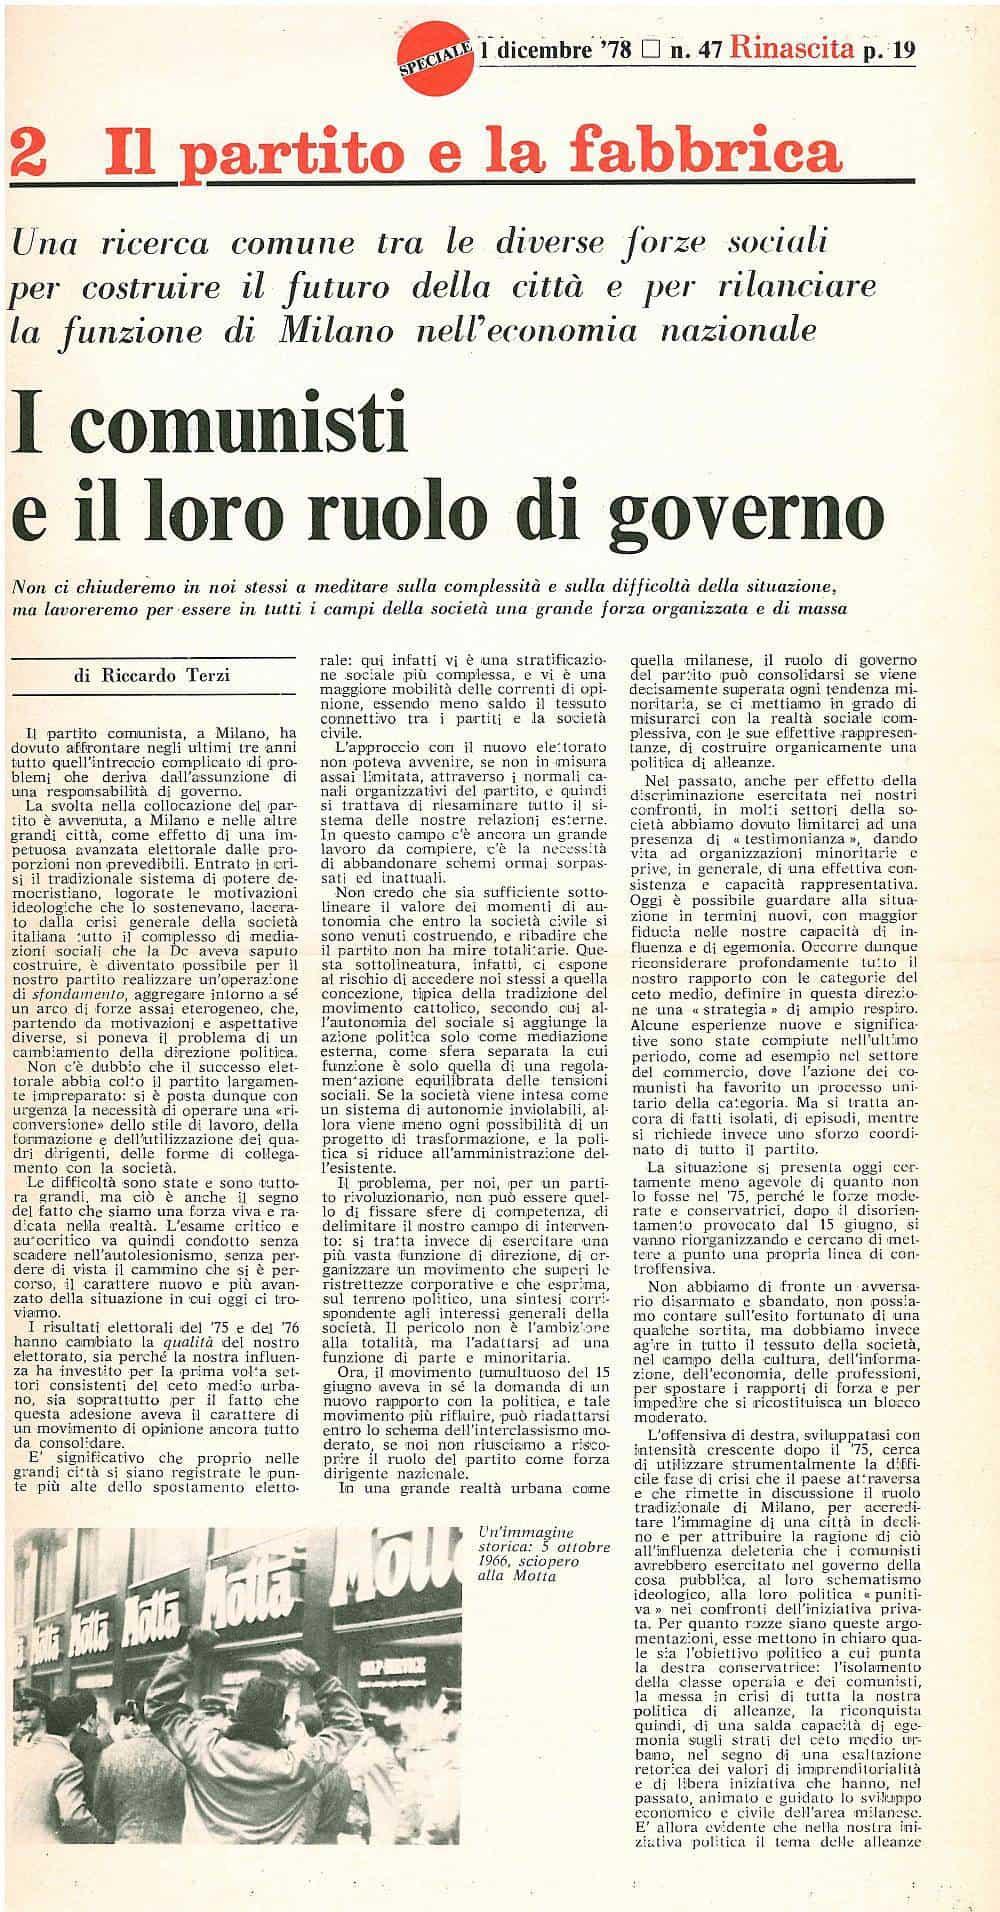 G35 - I comunisti e il loro ruolo nel governo